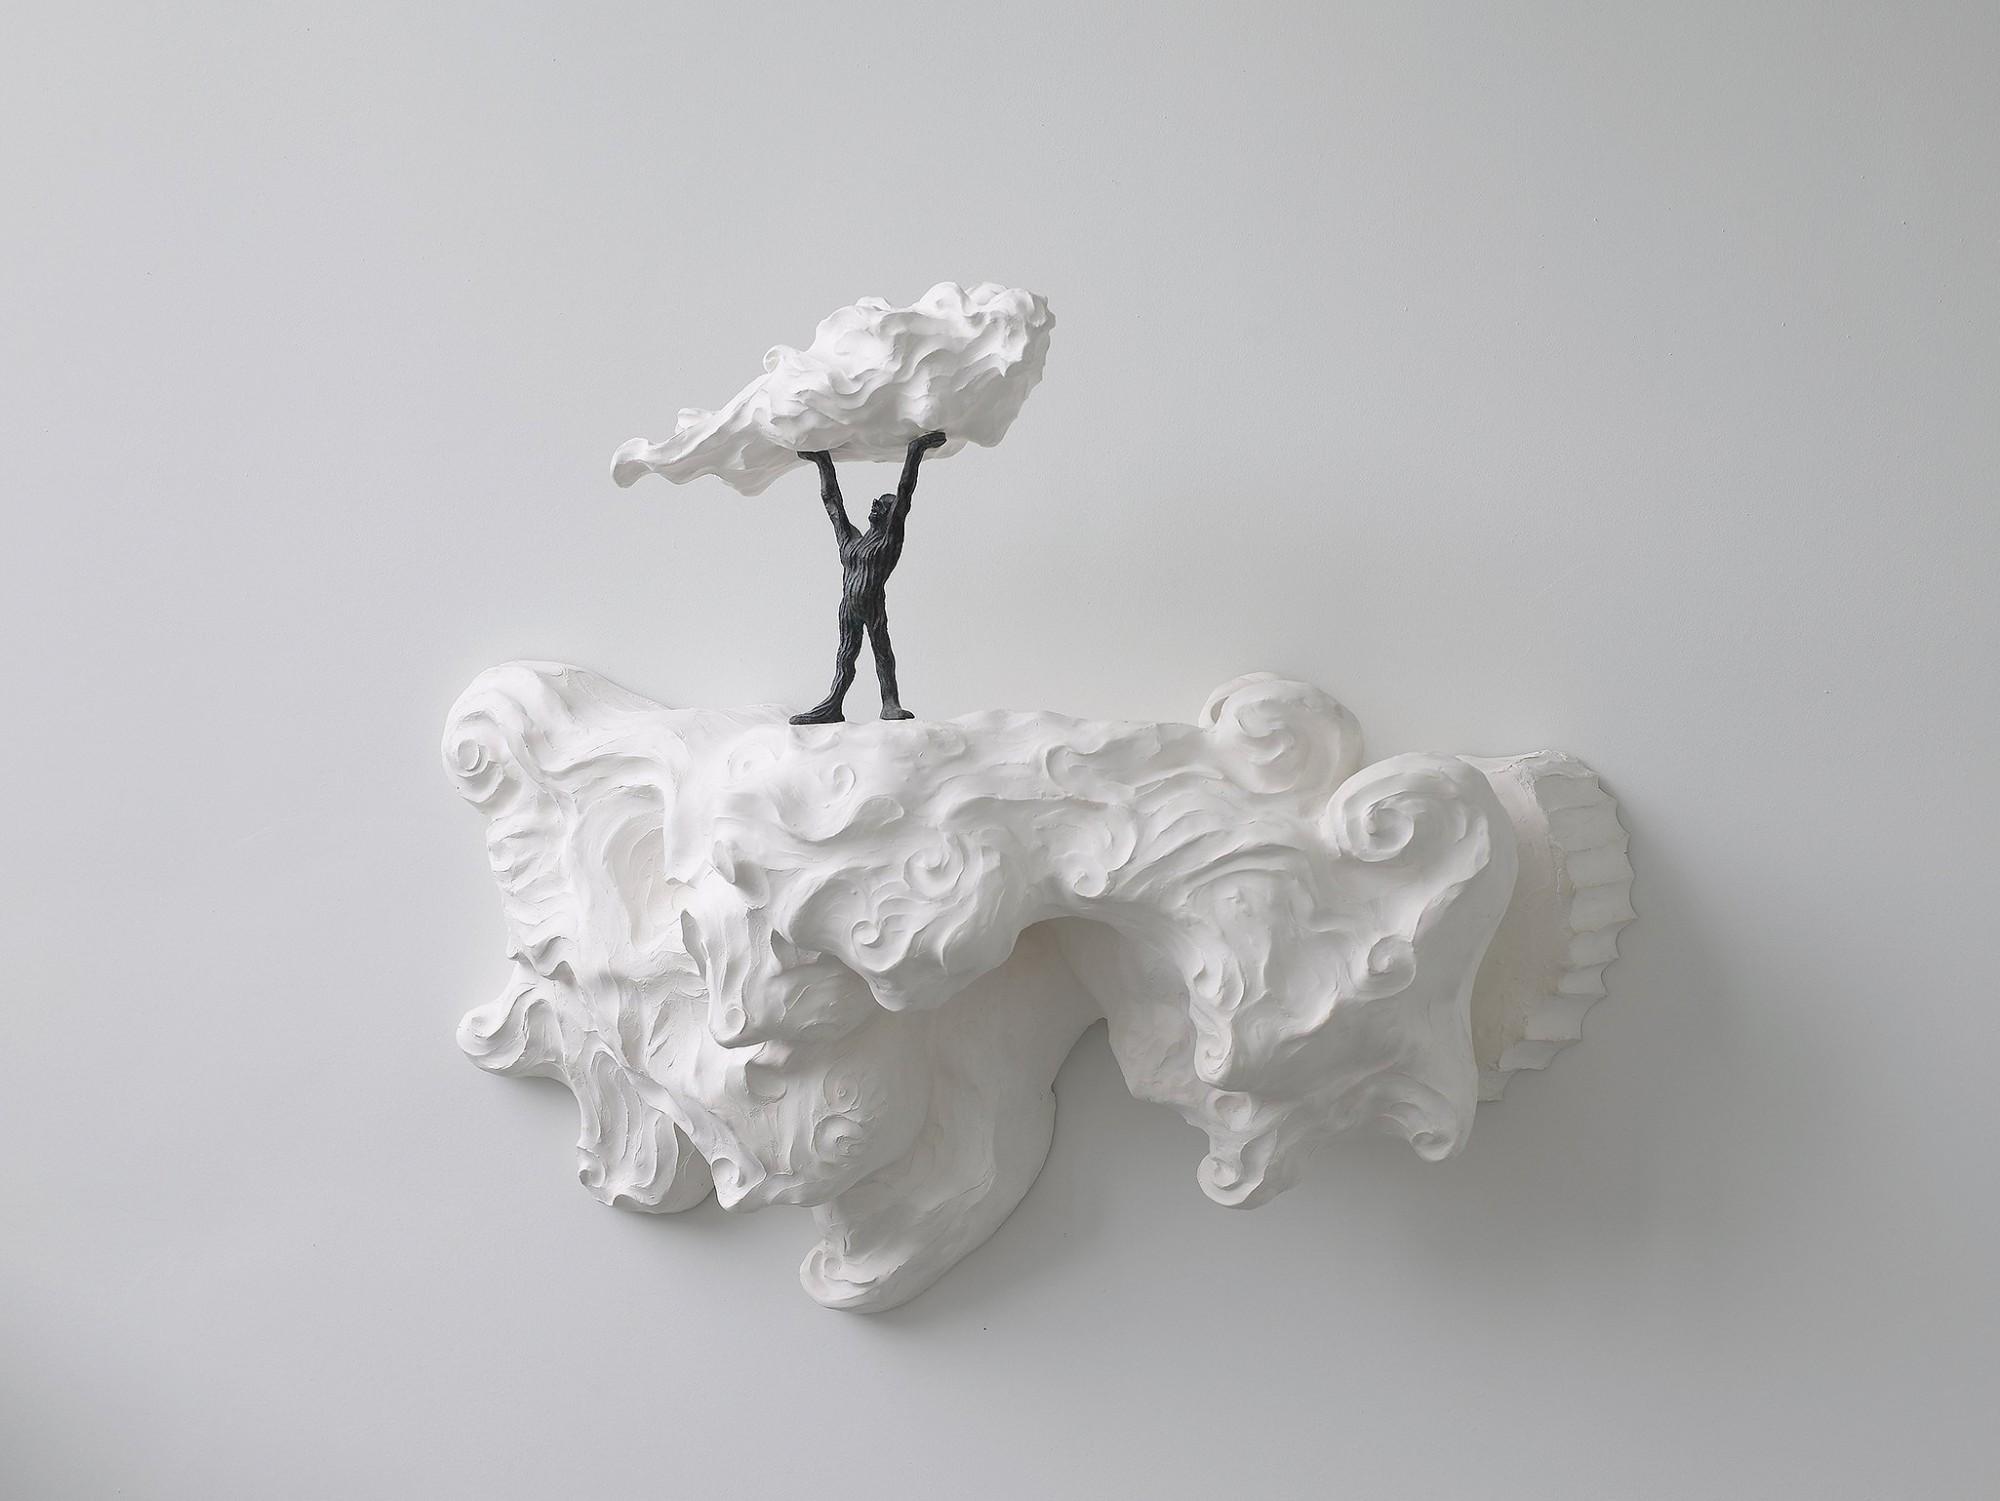 Afbeelding: Sculptuur gips-brons